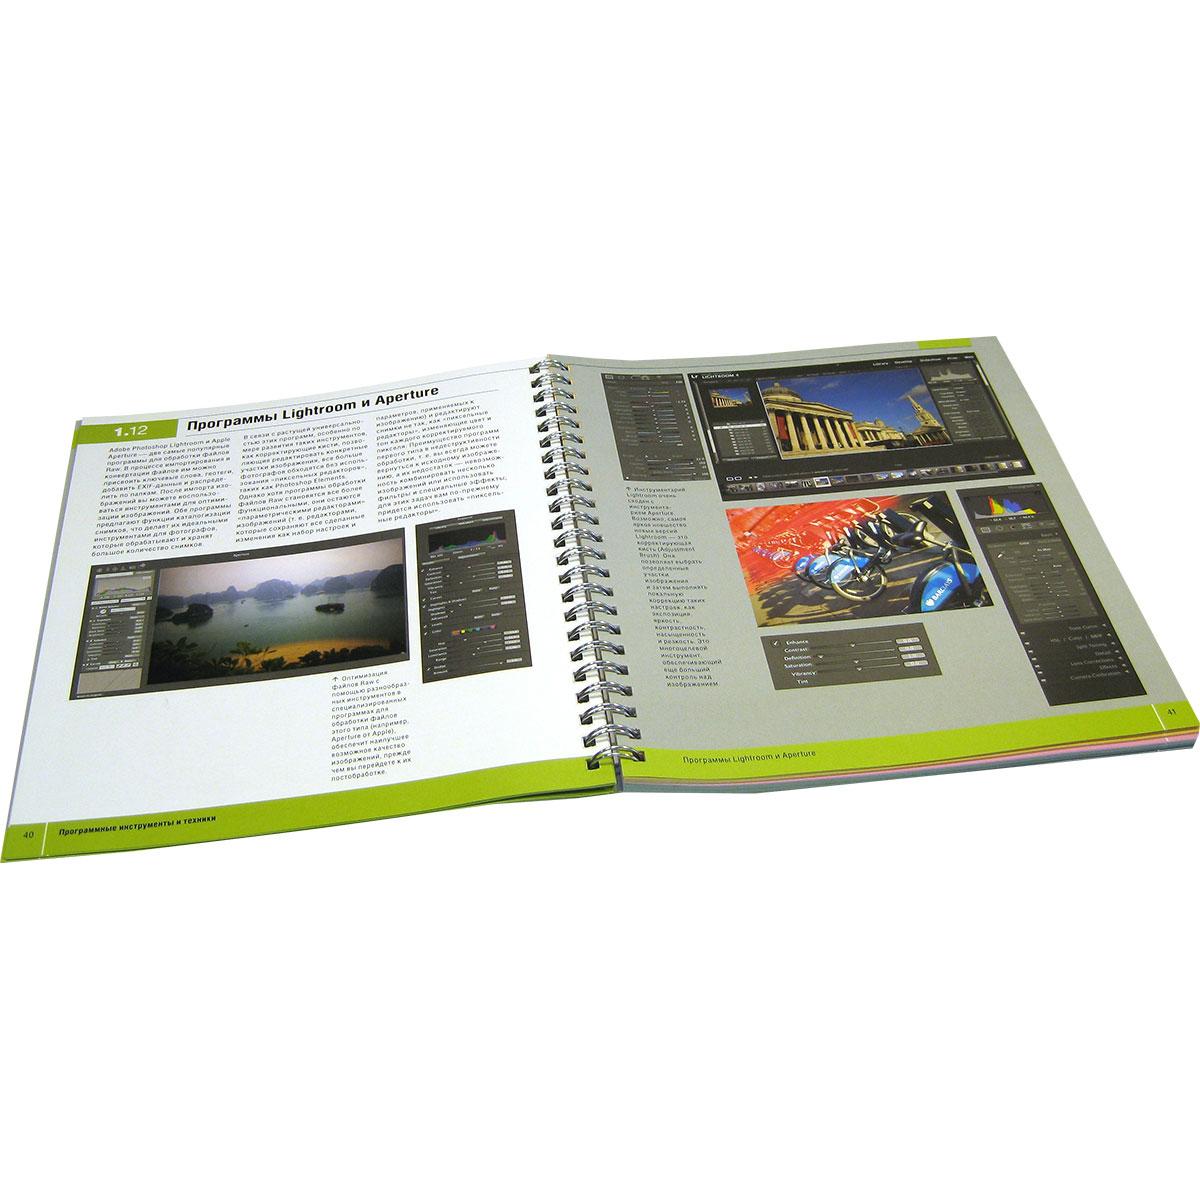 Майкл Фриман. Творческая обработка фотографий и специальные эффекты. Как совершенствовать цифровые фотографии, используя ключевые инструменты Photoshop и Lightroom